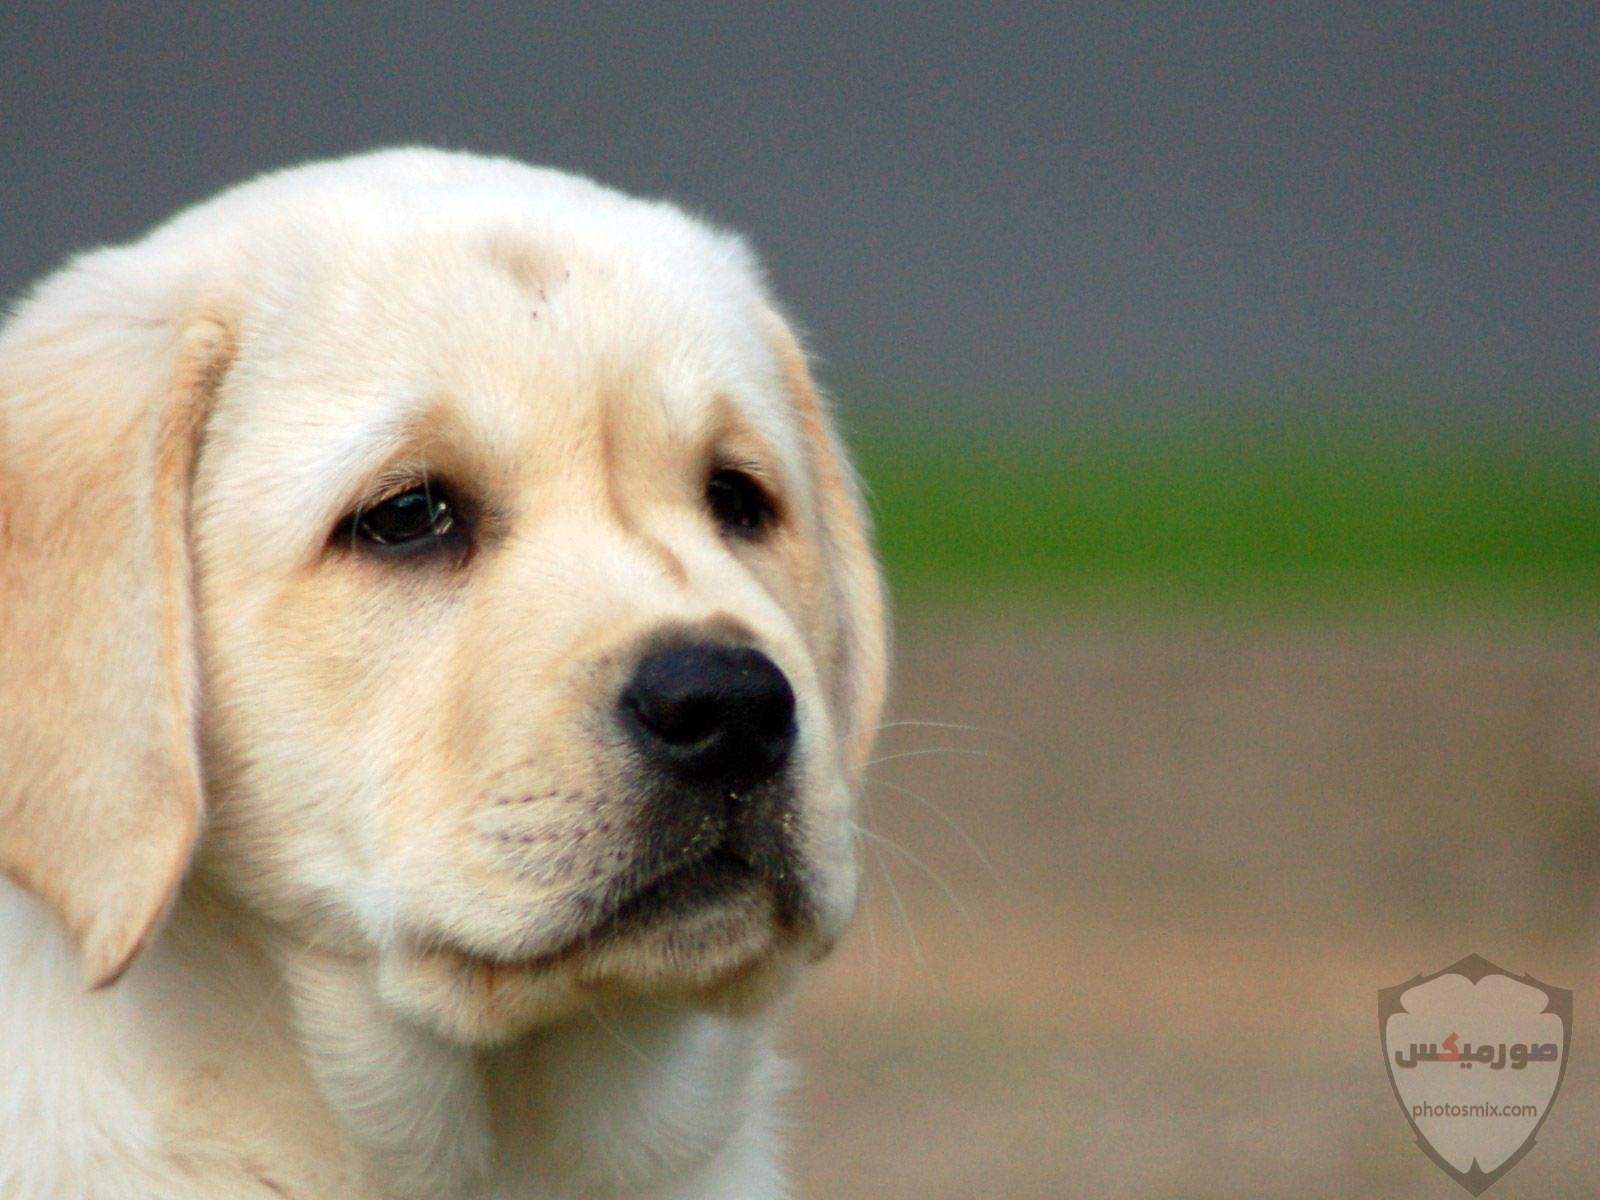 صور رمزيات حيوانات قطط كلاب ارانب كيوت خلفيات حيوانات جميلة للفيس بوك 19